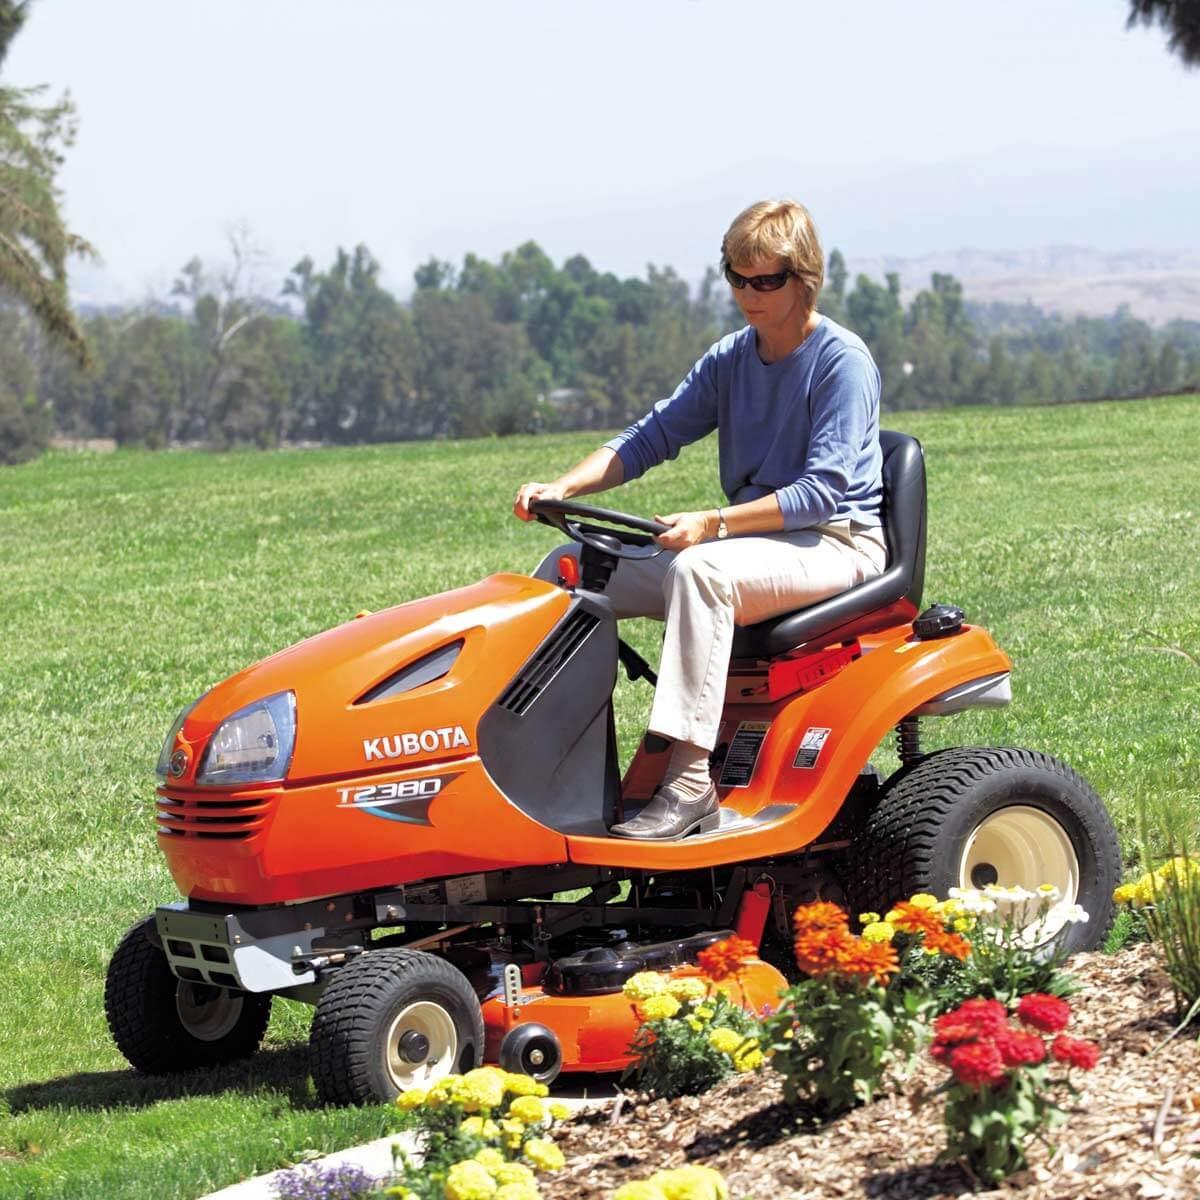 garden tractor lawn mower tractor